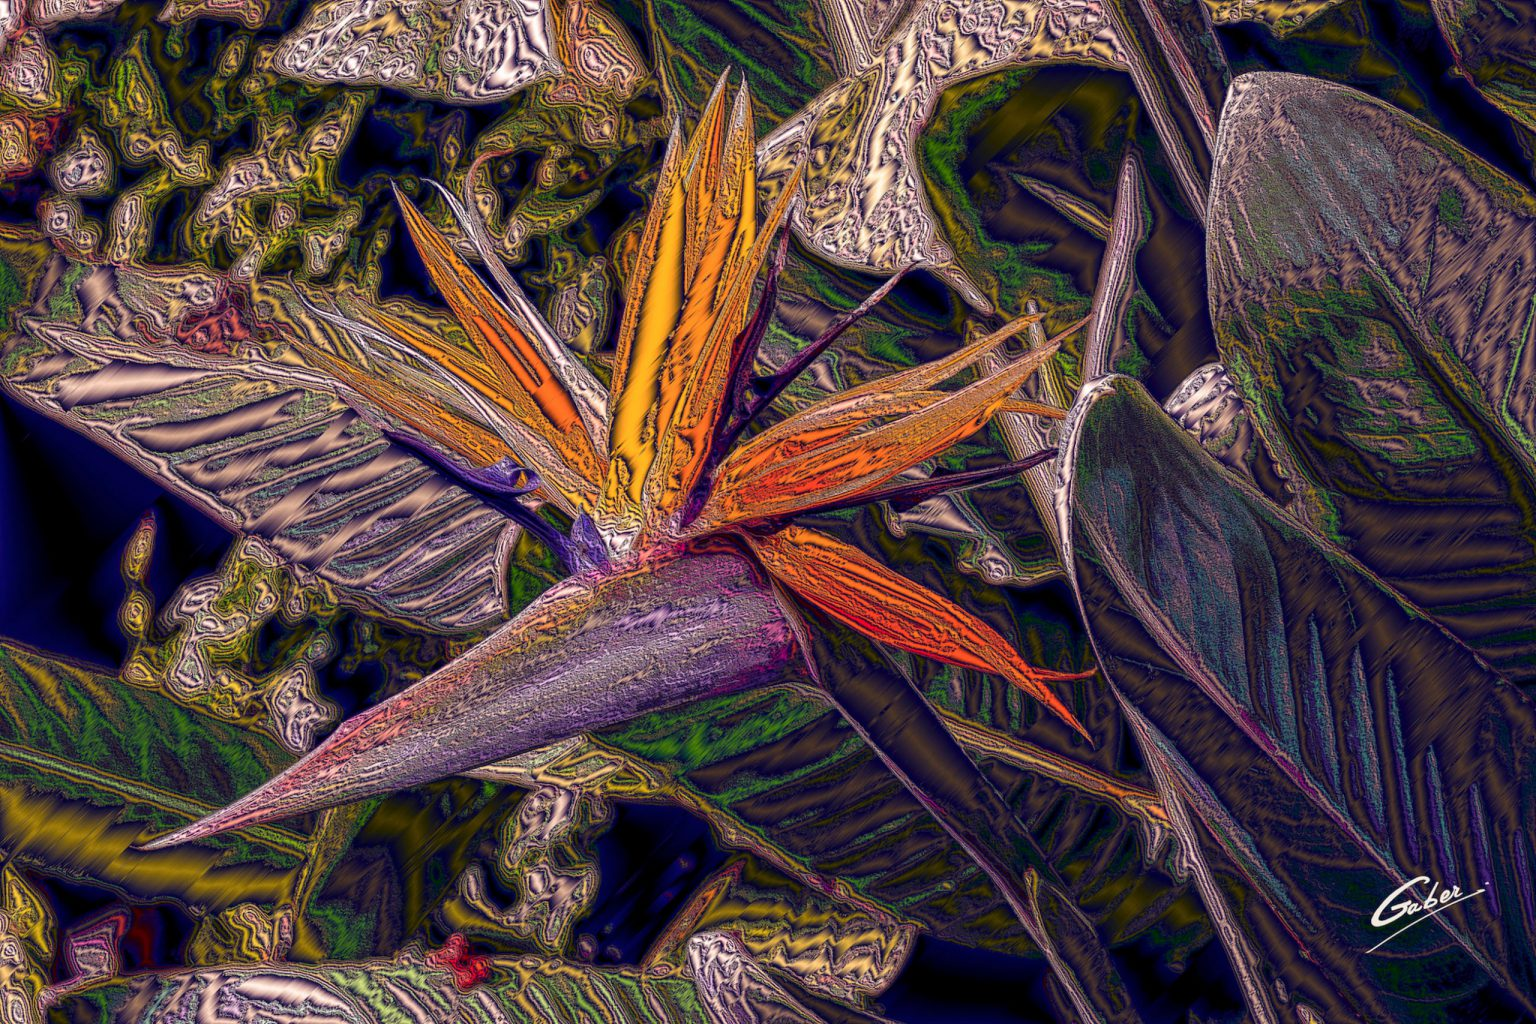 Bird_of_Paradise_2020_02d07x_ERP_FINAL_16x24_GAB_ERPF20-56